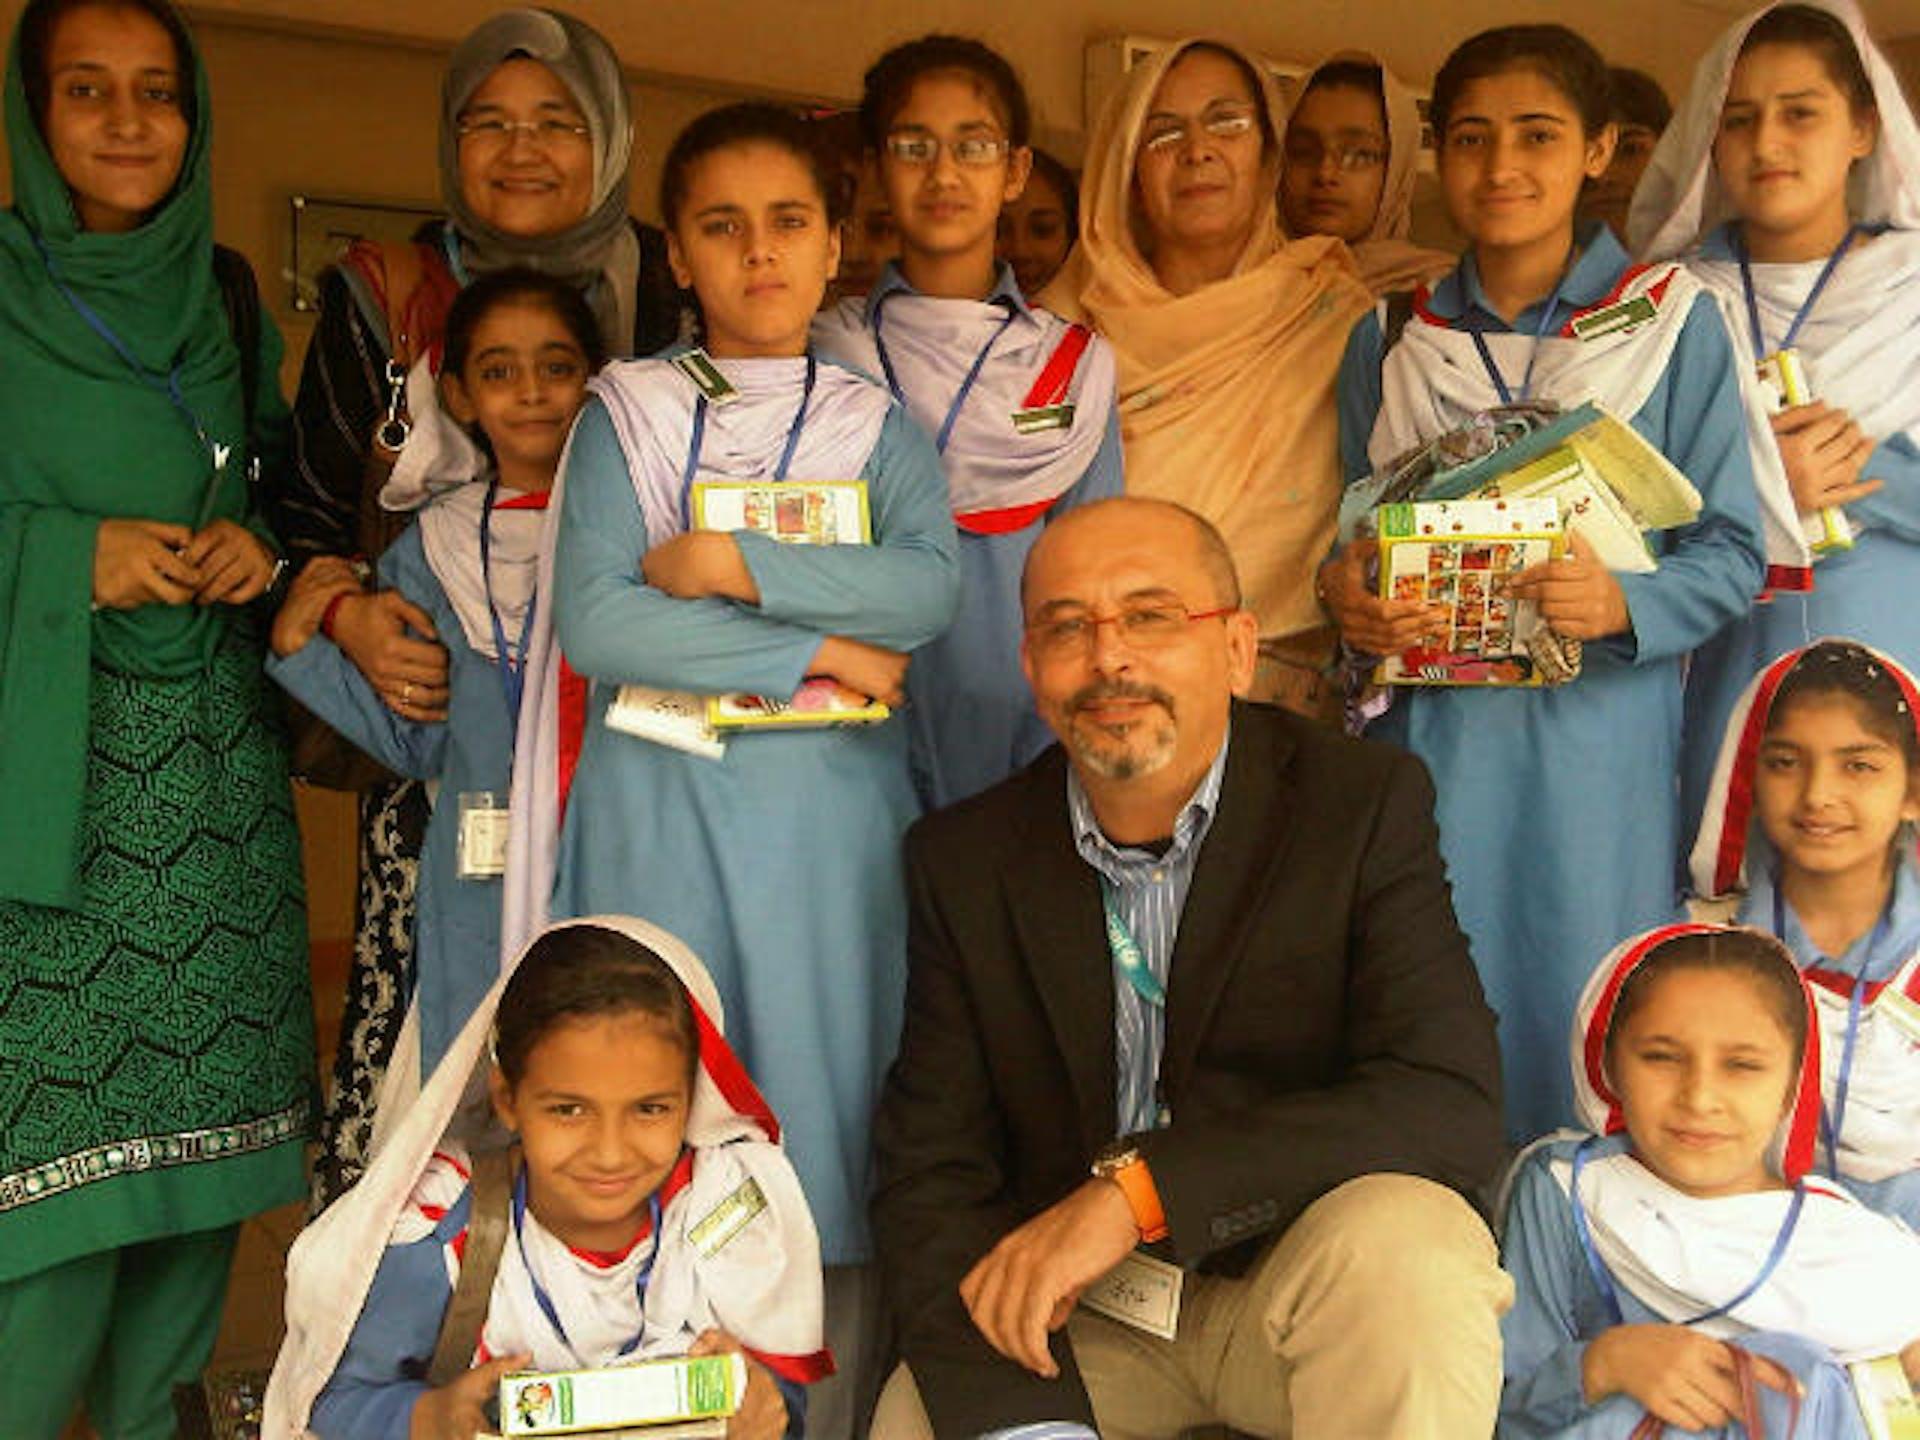 Lucio Melandri, Rappresentante UNICEF in Giordania